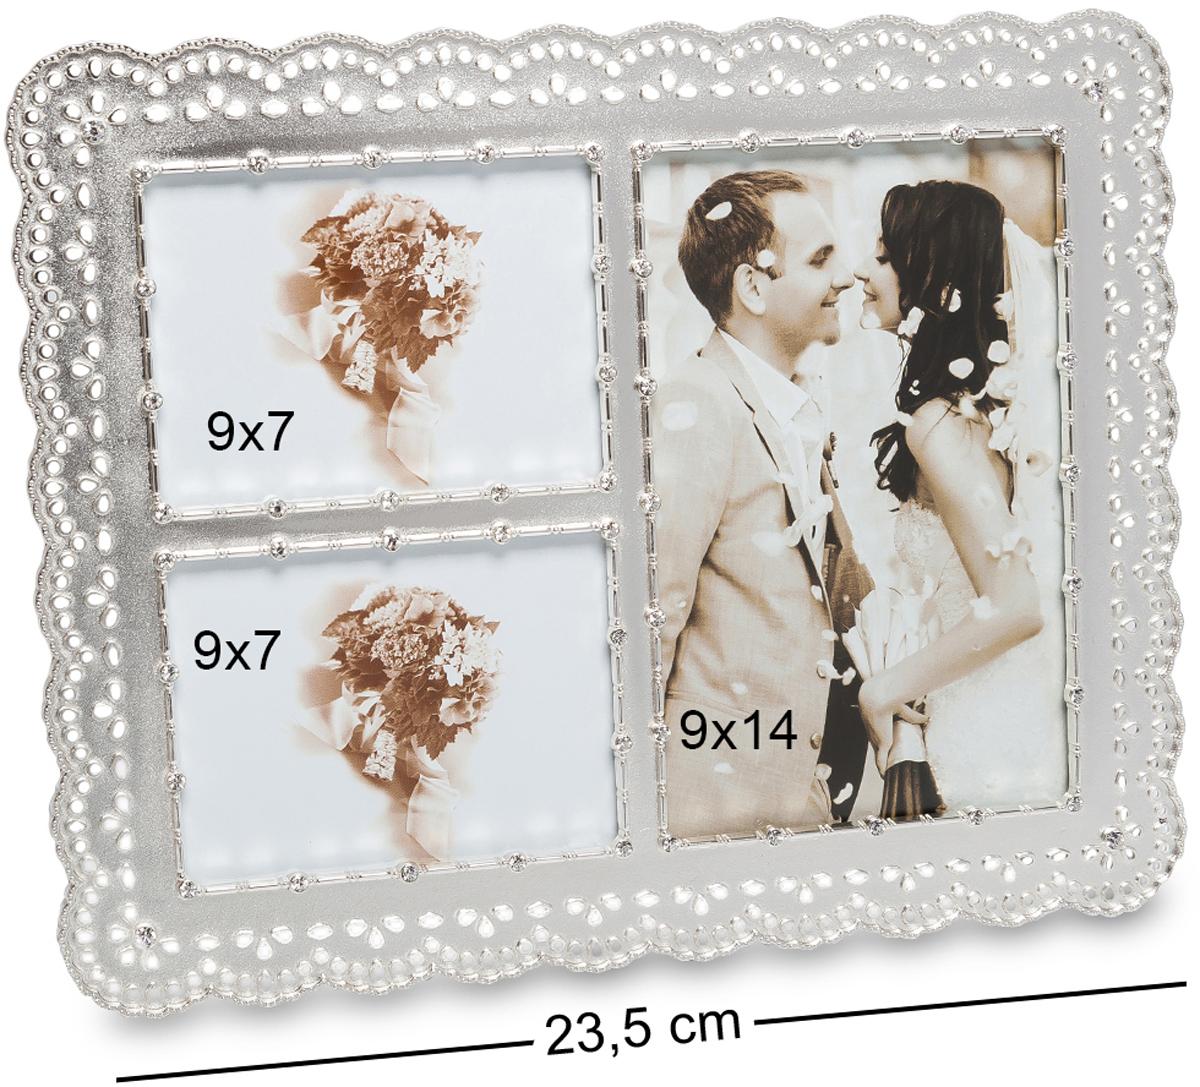 Фоторамка Bellezza Casa Искры любви, на 3 фото: 9х14, 9х7. CHK-189RG-D31SФоторамка на 3 фото для фотографий 9х14 и 9х7 см.Само название этой фоторамки говорит о том, что она предназначена для любовных снимков, на которых запечатлены самые яркие моменты ваших отношений. Например, в первой ячейке может быть первый подаренный букет цветов, или снимок, сделанный на первом свидании. Во вторую ячейку можно поместить свадебную фотографию, а в третью - фотографию с вашим первенцем. Порядок, да и сами снимки могут быть любыми, ведь главное не это. Главное - это то, что самые теплые воспоминания всегда будут с вами, пока в фоторамке Искры любви стоят памятные фото.